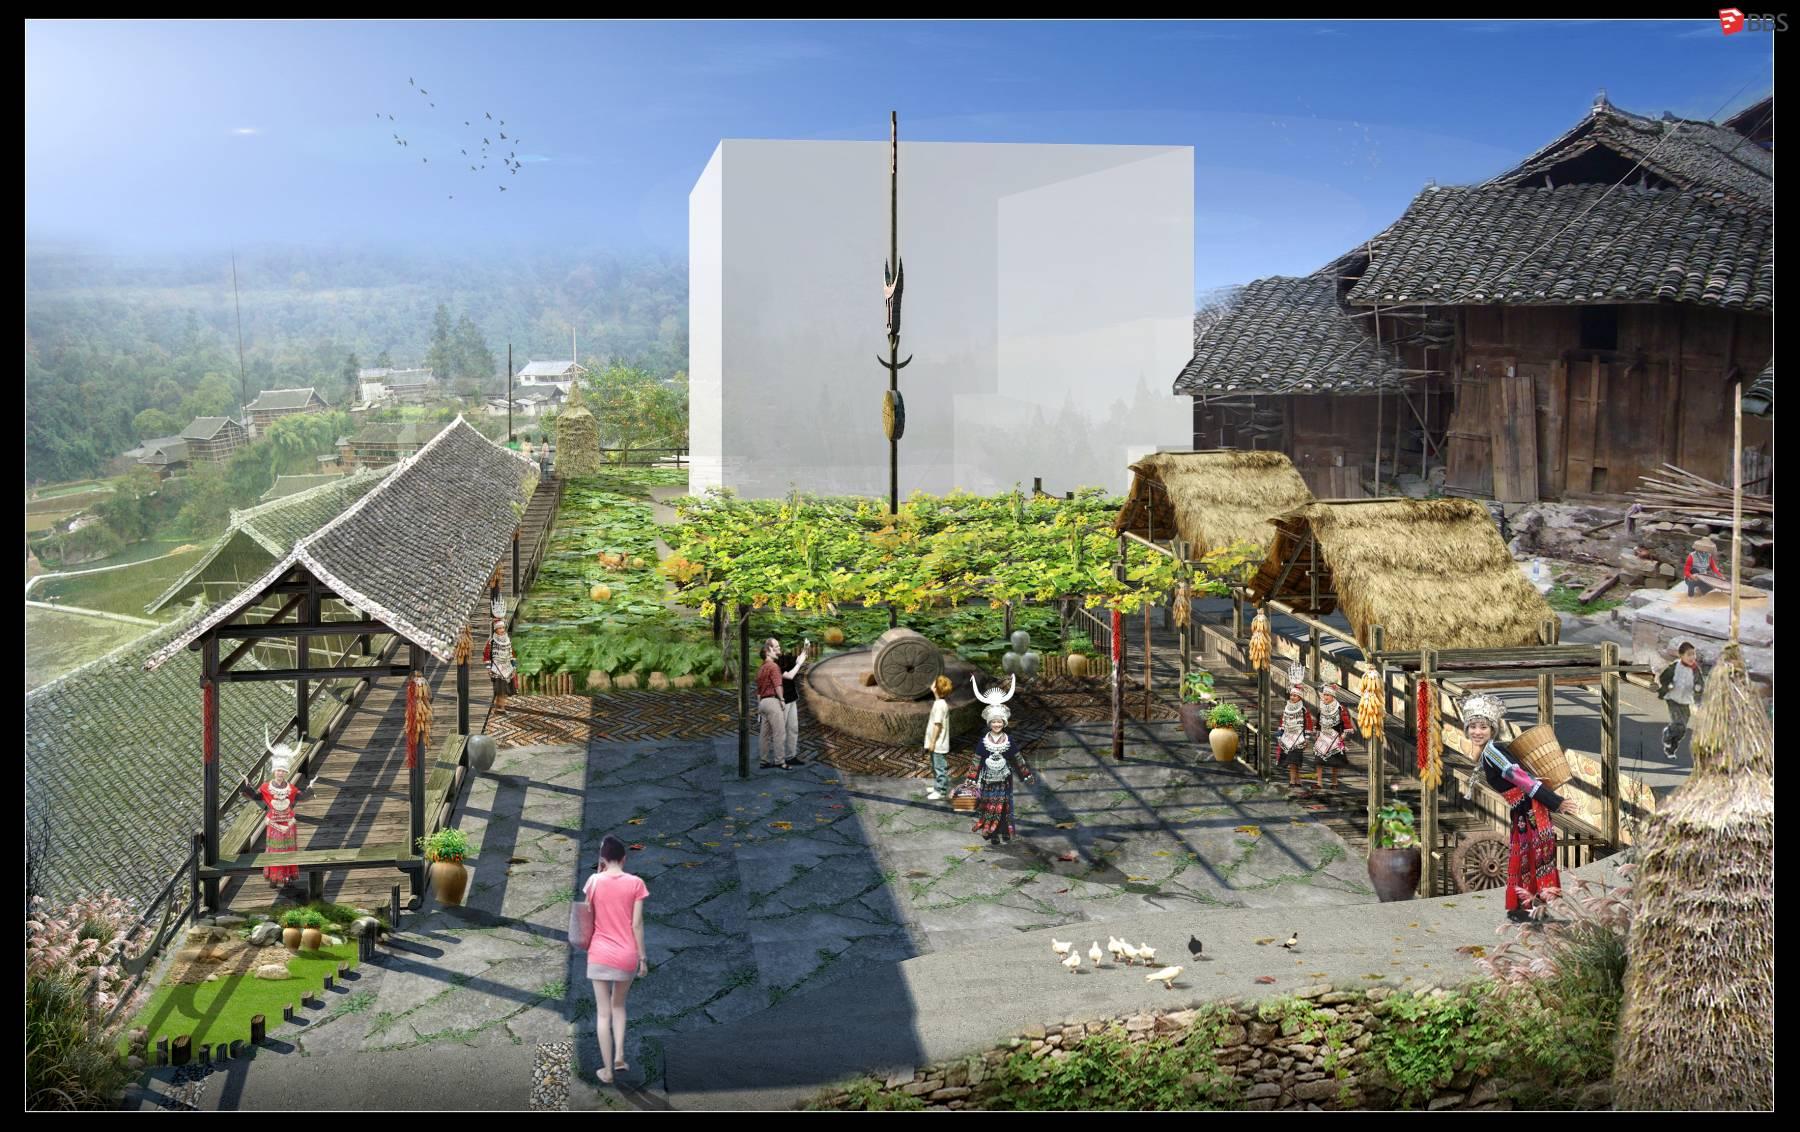 农村市场场景